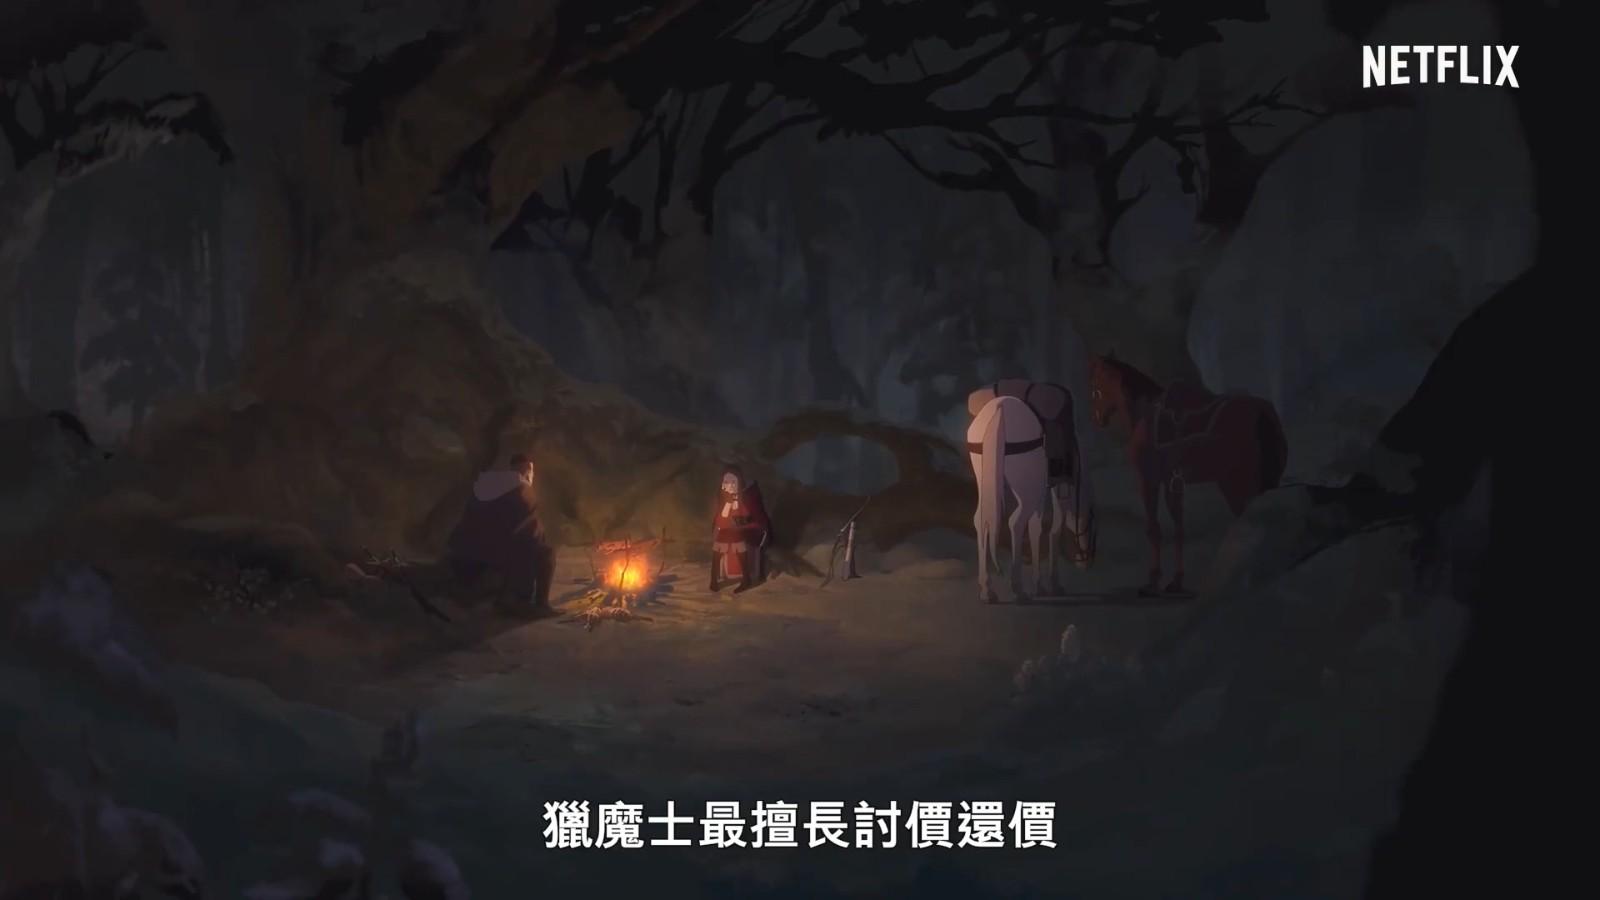 《巫师:狼之噩梦》先导预告 8月23日开播